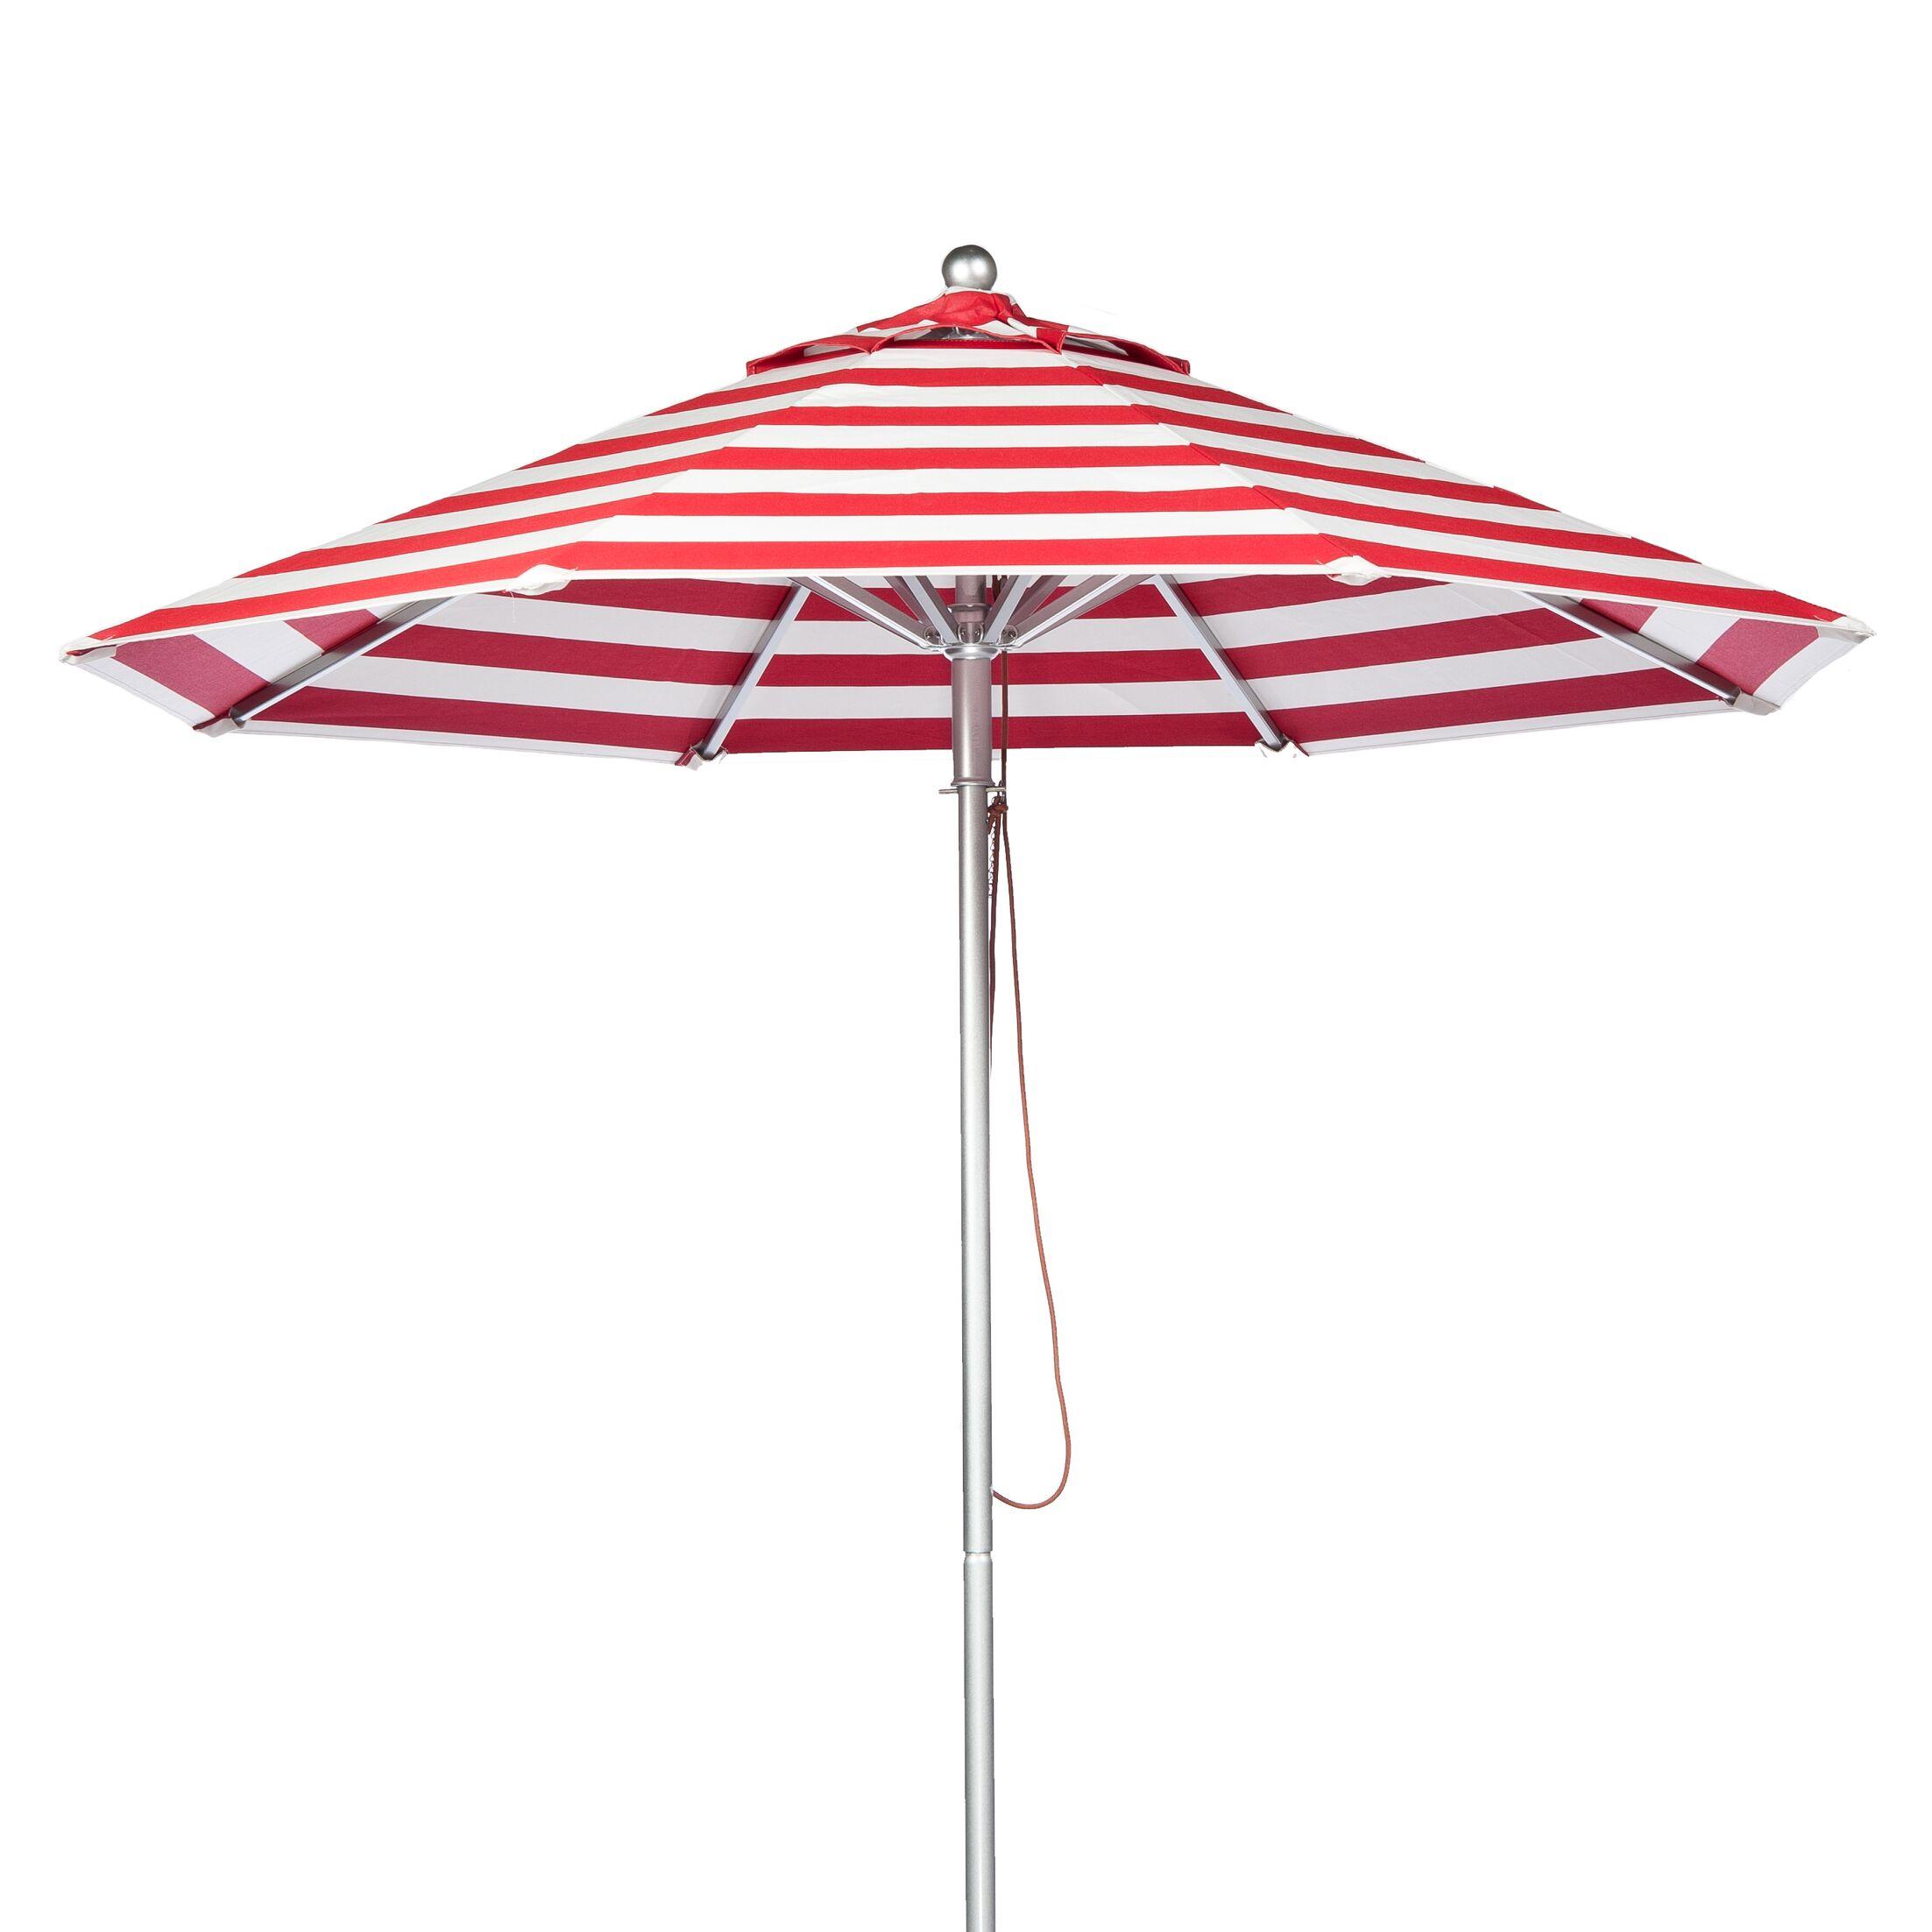 11' Market Umbrella Fabric: Red and White Stripe